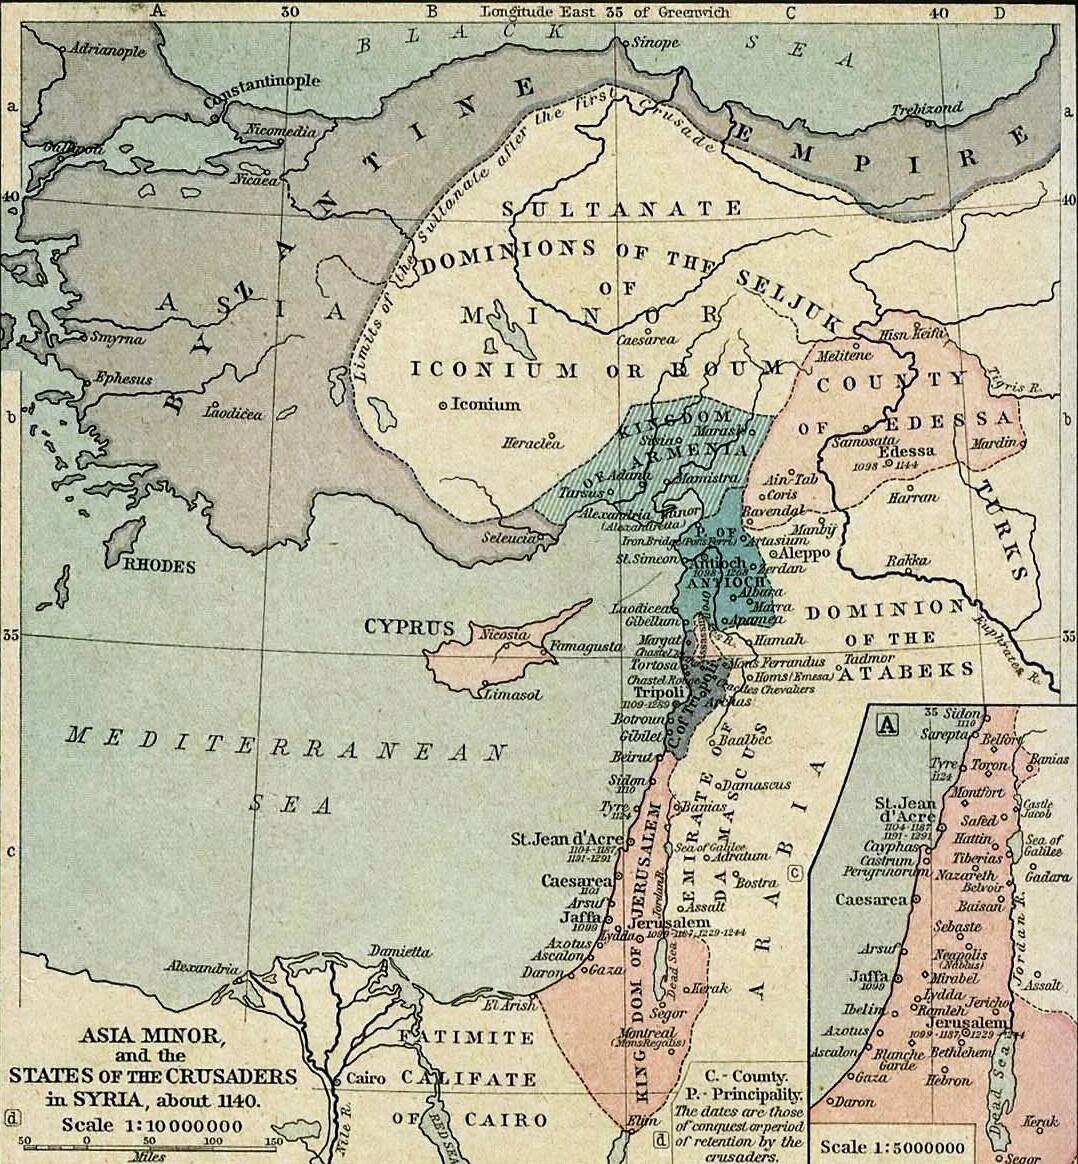 Azja Mniejsza i państwa krzyżowców w Sytii ok. 1140 (źródło: Alexander G. Findlay, Classical Atlas of Ancient Geography)